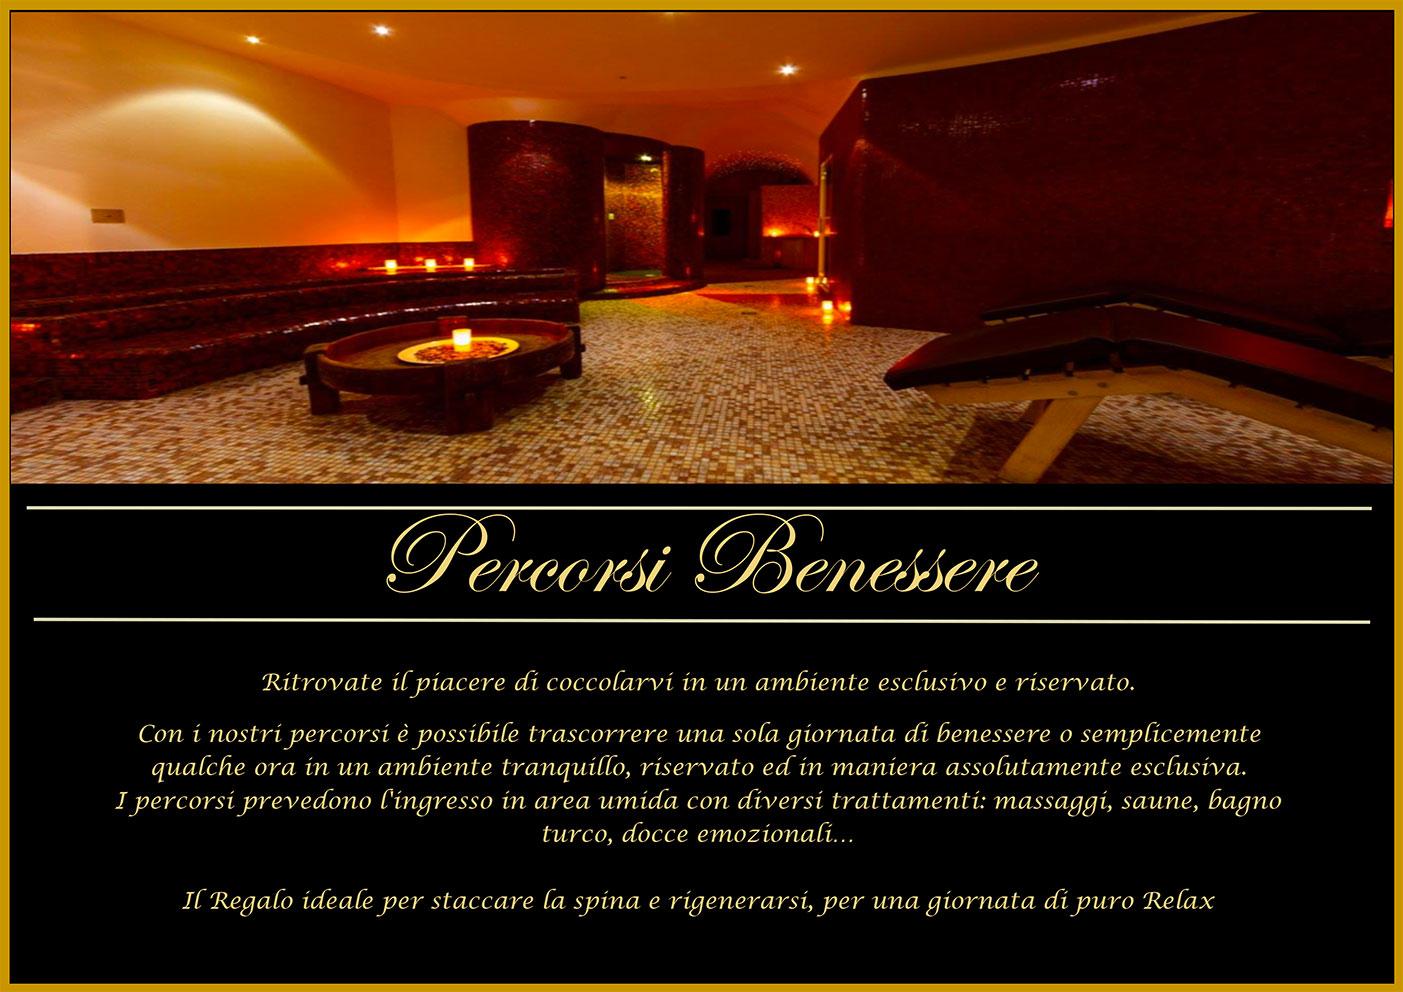 Menù-del-Benessere-Relaxharmony-4